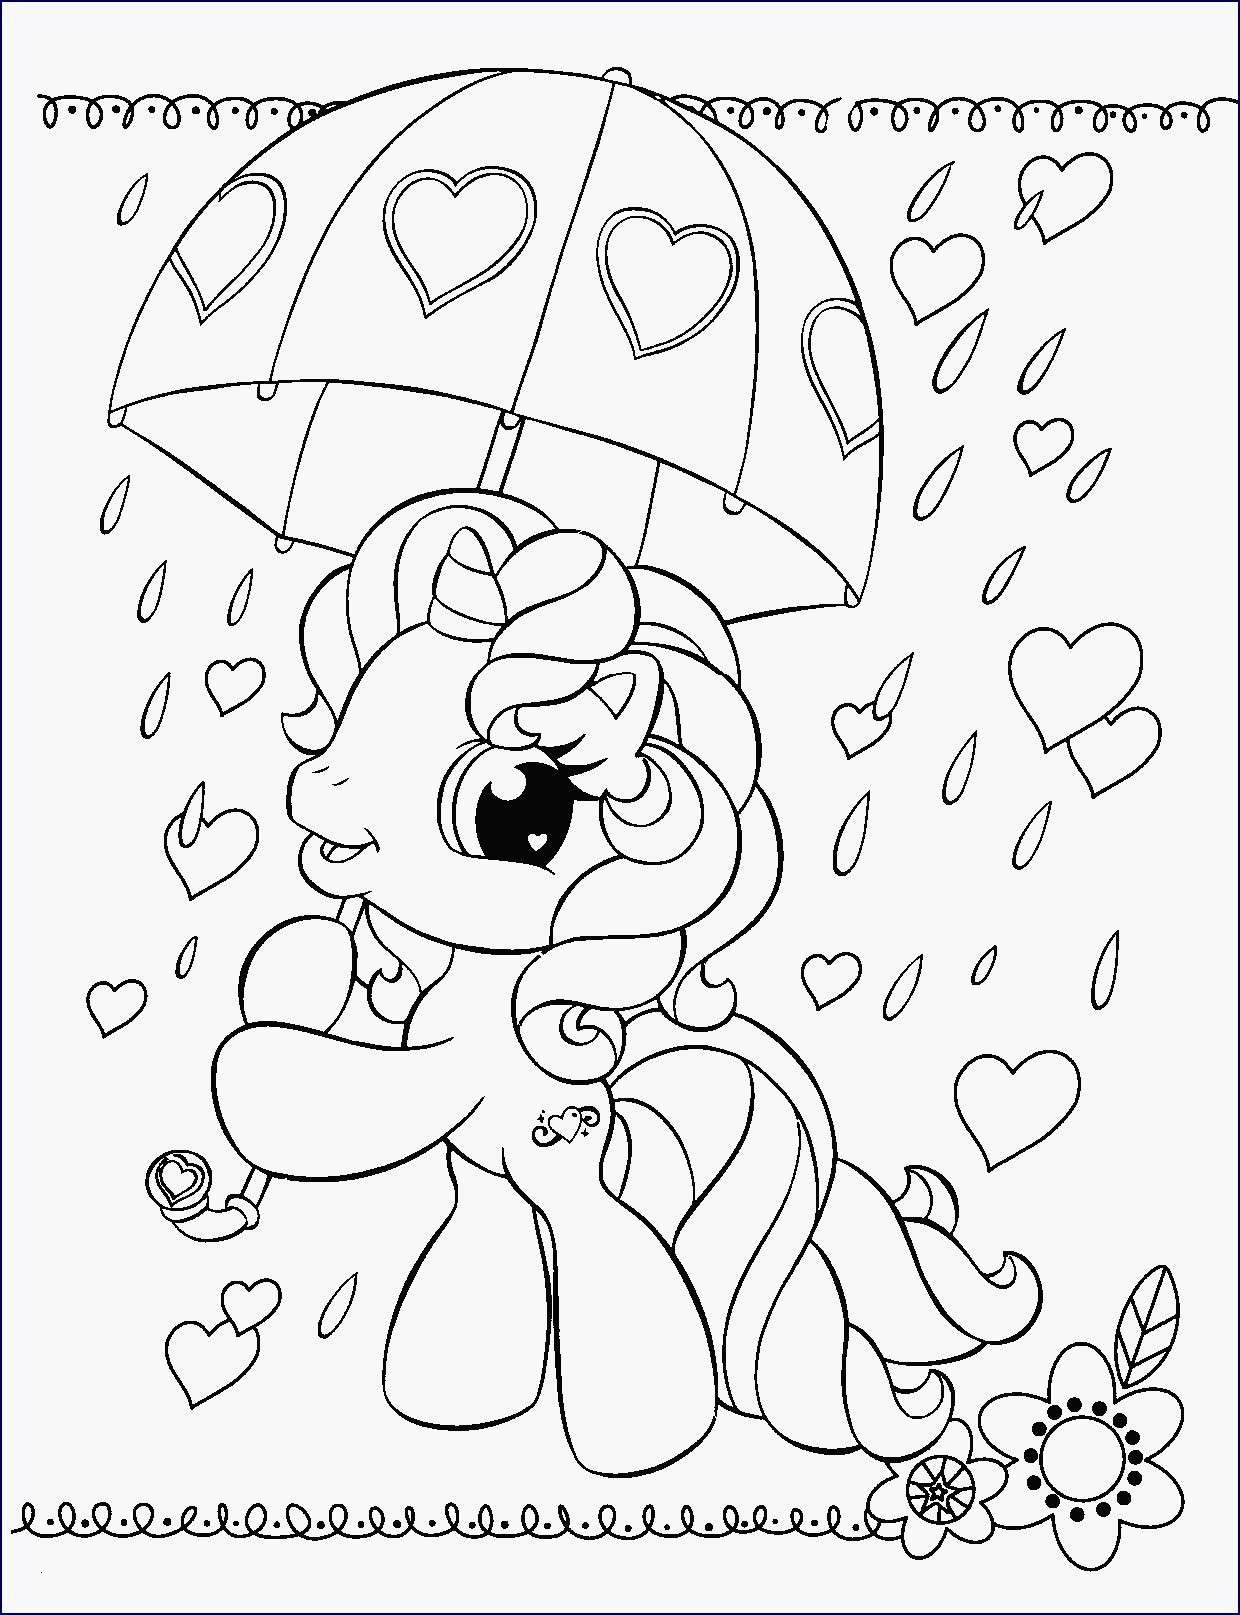 Malvorlagen My Little Pony Frisch Buchstaben P Malvorlagen Gut Aussehende Ausmalbilder My Little Pony Stock